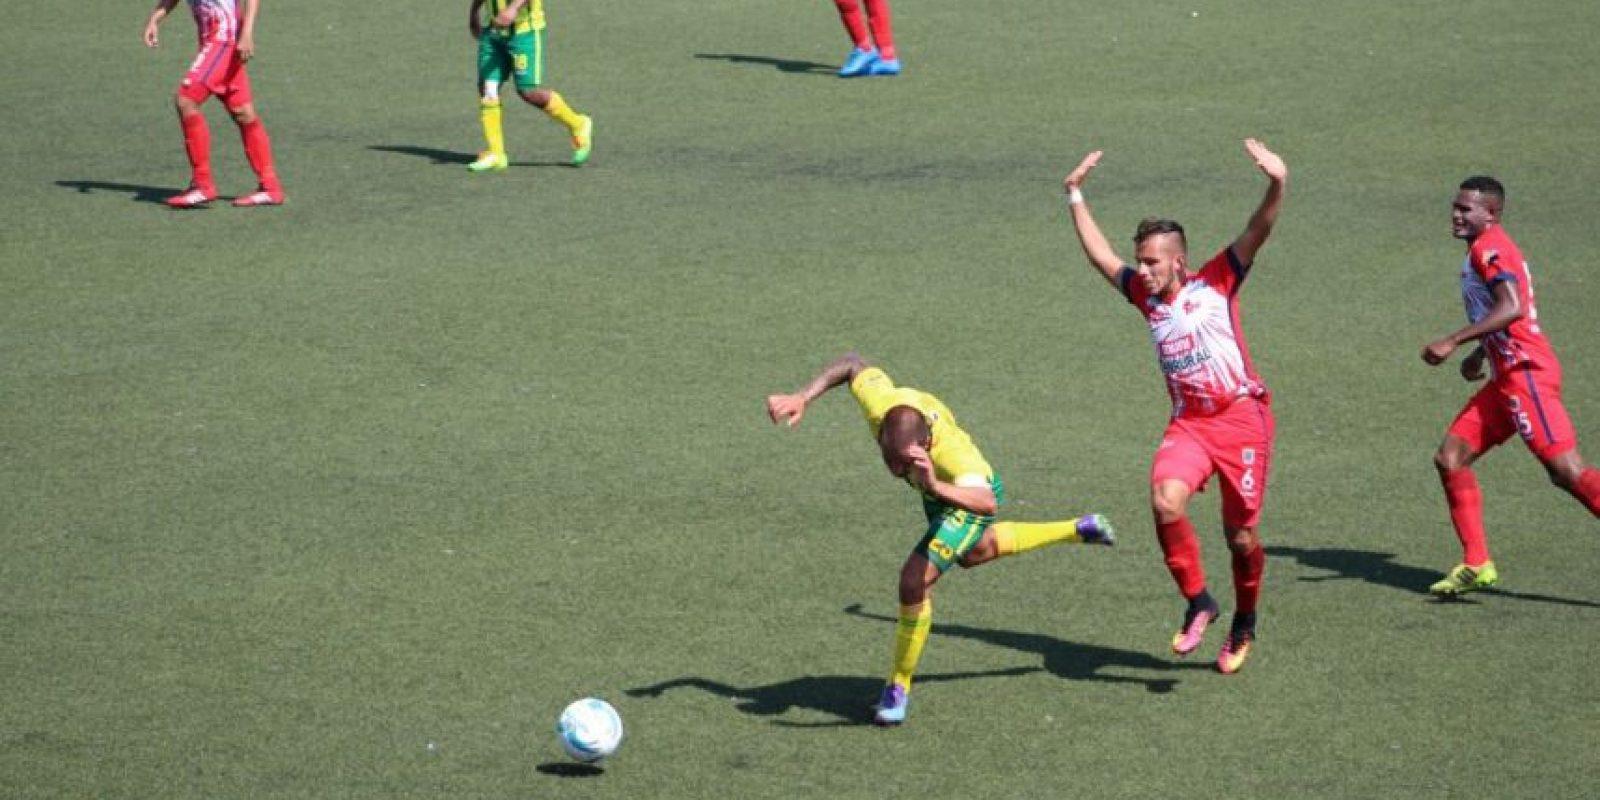 Malacateco hizo valer su ventaja y eliminó a los de Pecho Amarillo en el acceso a semifinales. Foto:EU Deportes